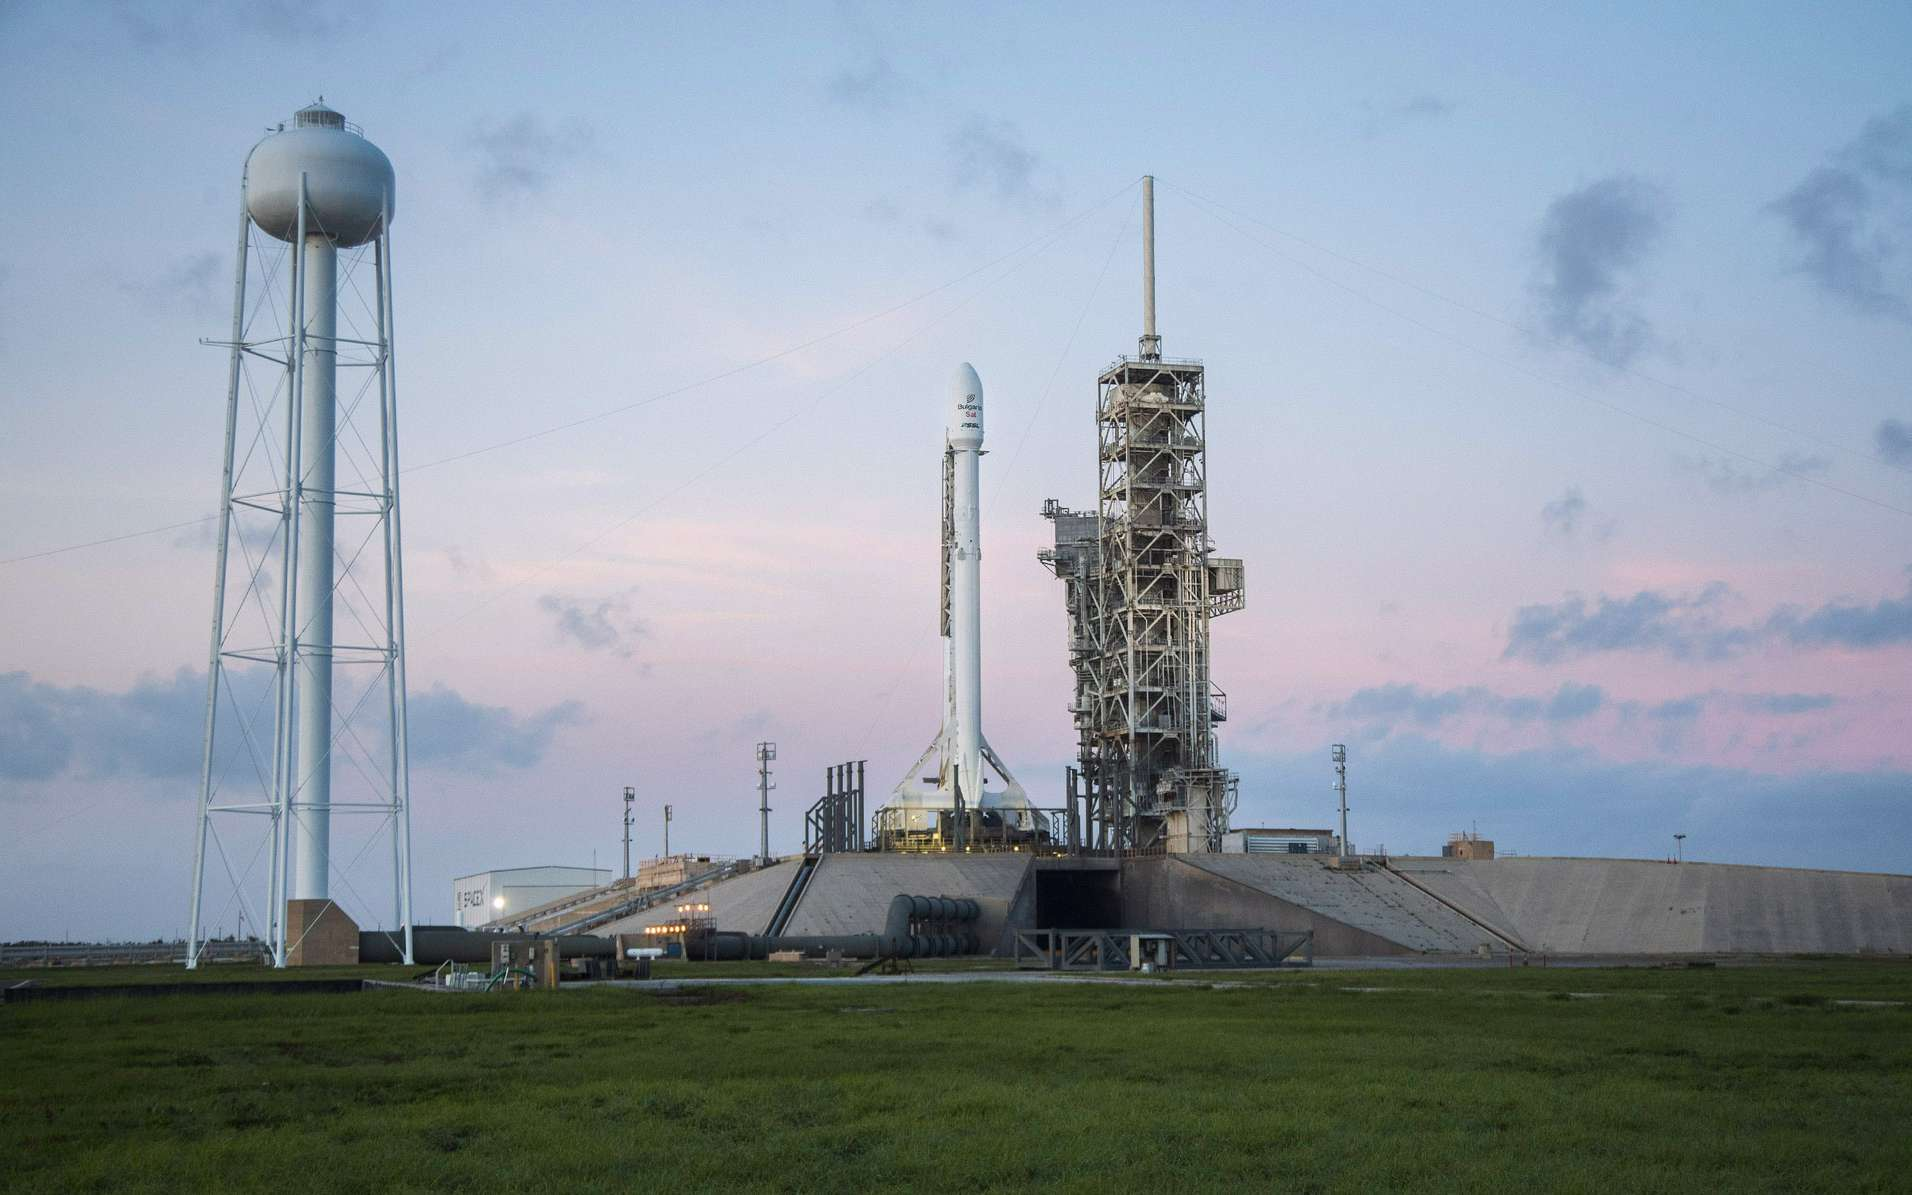 Un lanceur Falcon 9 sur son pas de tir du Centre spatial Kennedy de la Nasa. @ SpaceX